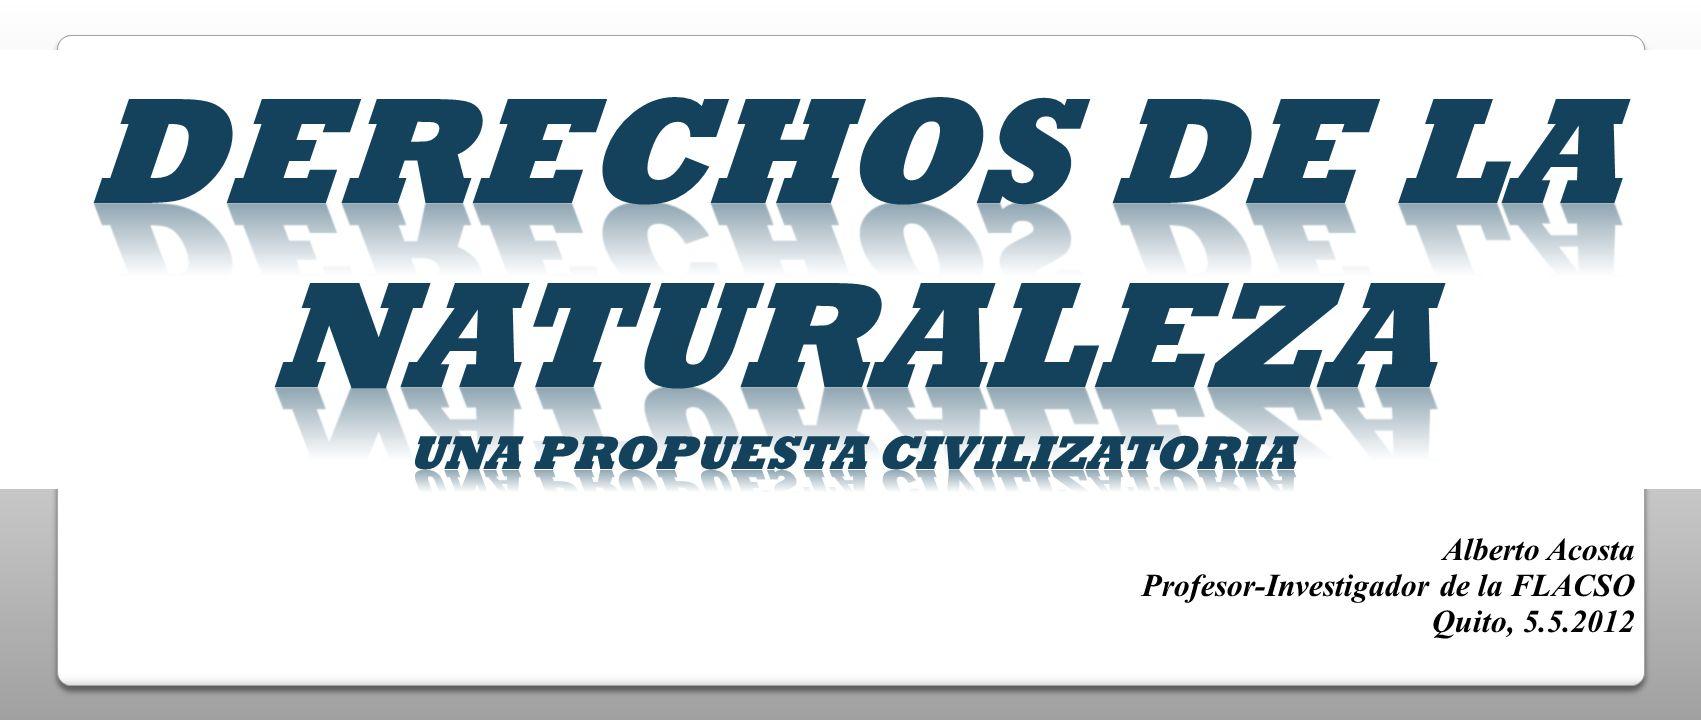 La acumulación material -mecanicista e interminable de bienes, apoltronada en el utilitarismo antropocéntrico sobre la Naturaleza- al decir del uruguayo Eduardo Gudynas-, no tiene futuro.